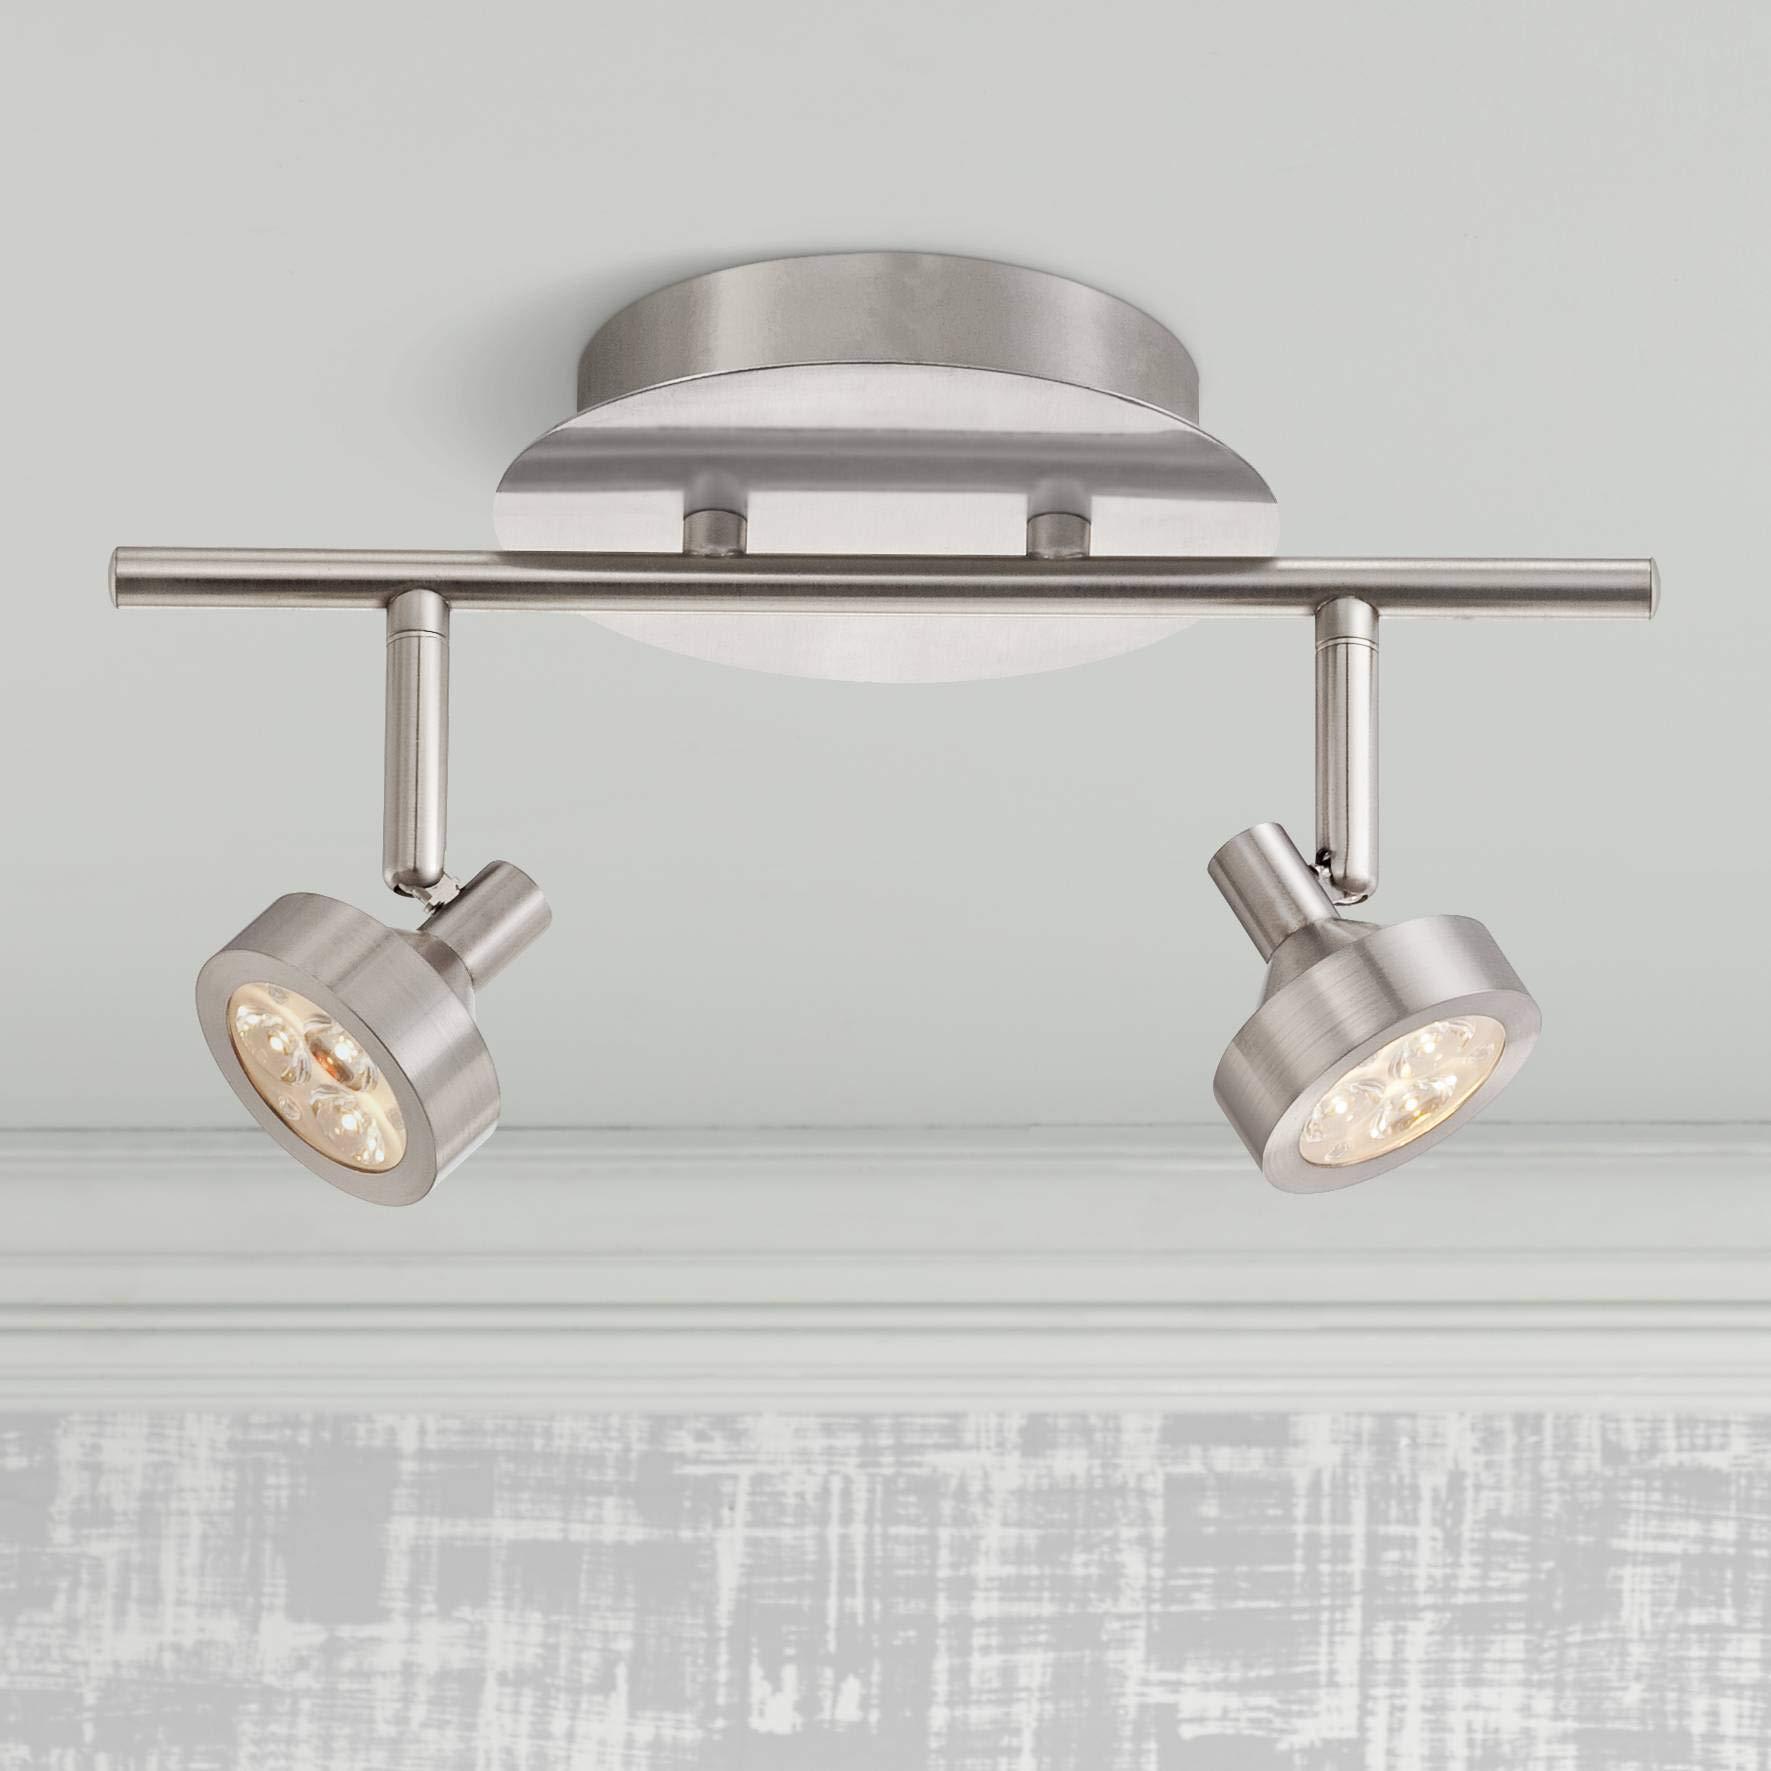 Tilden 2-Light LED Brushed Nickel Track Fixture by Pro-Track - Pro Track